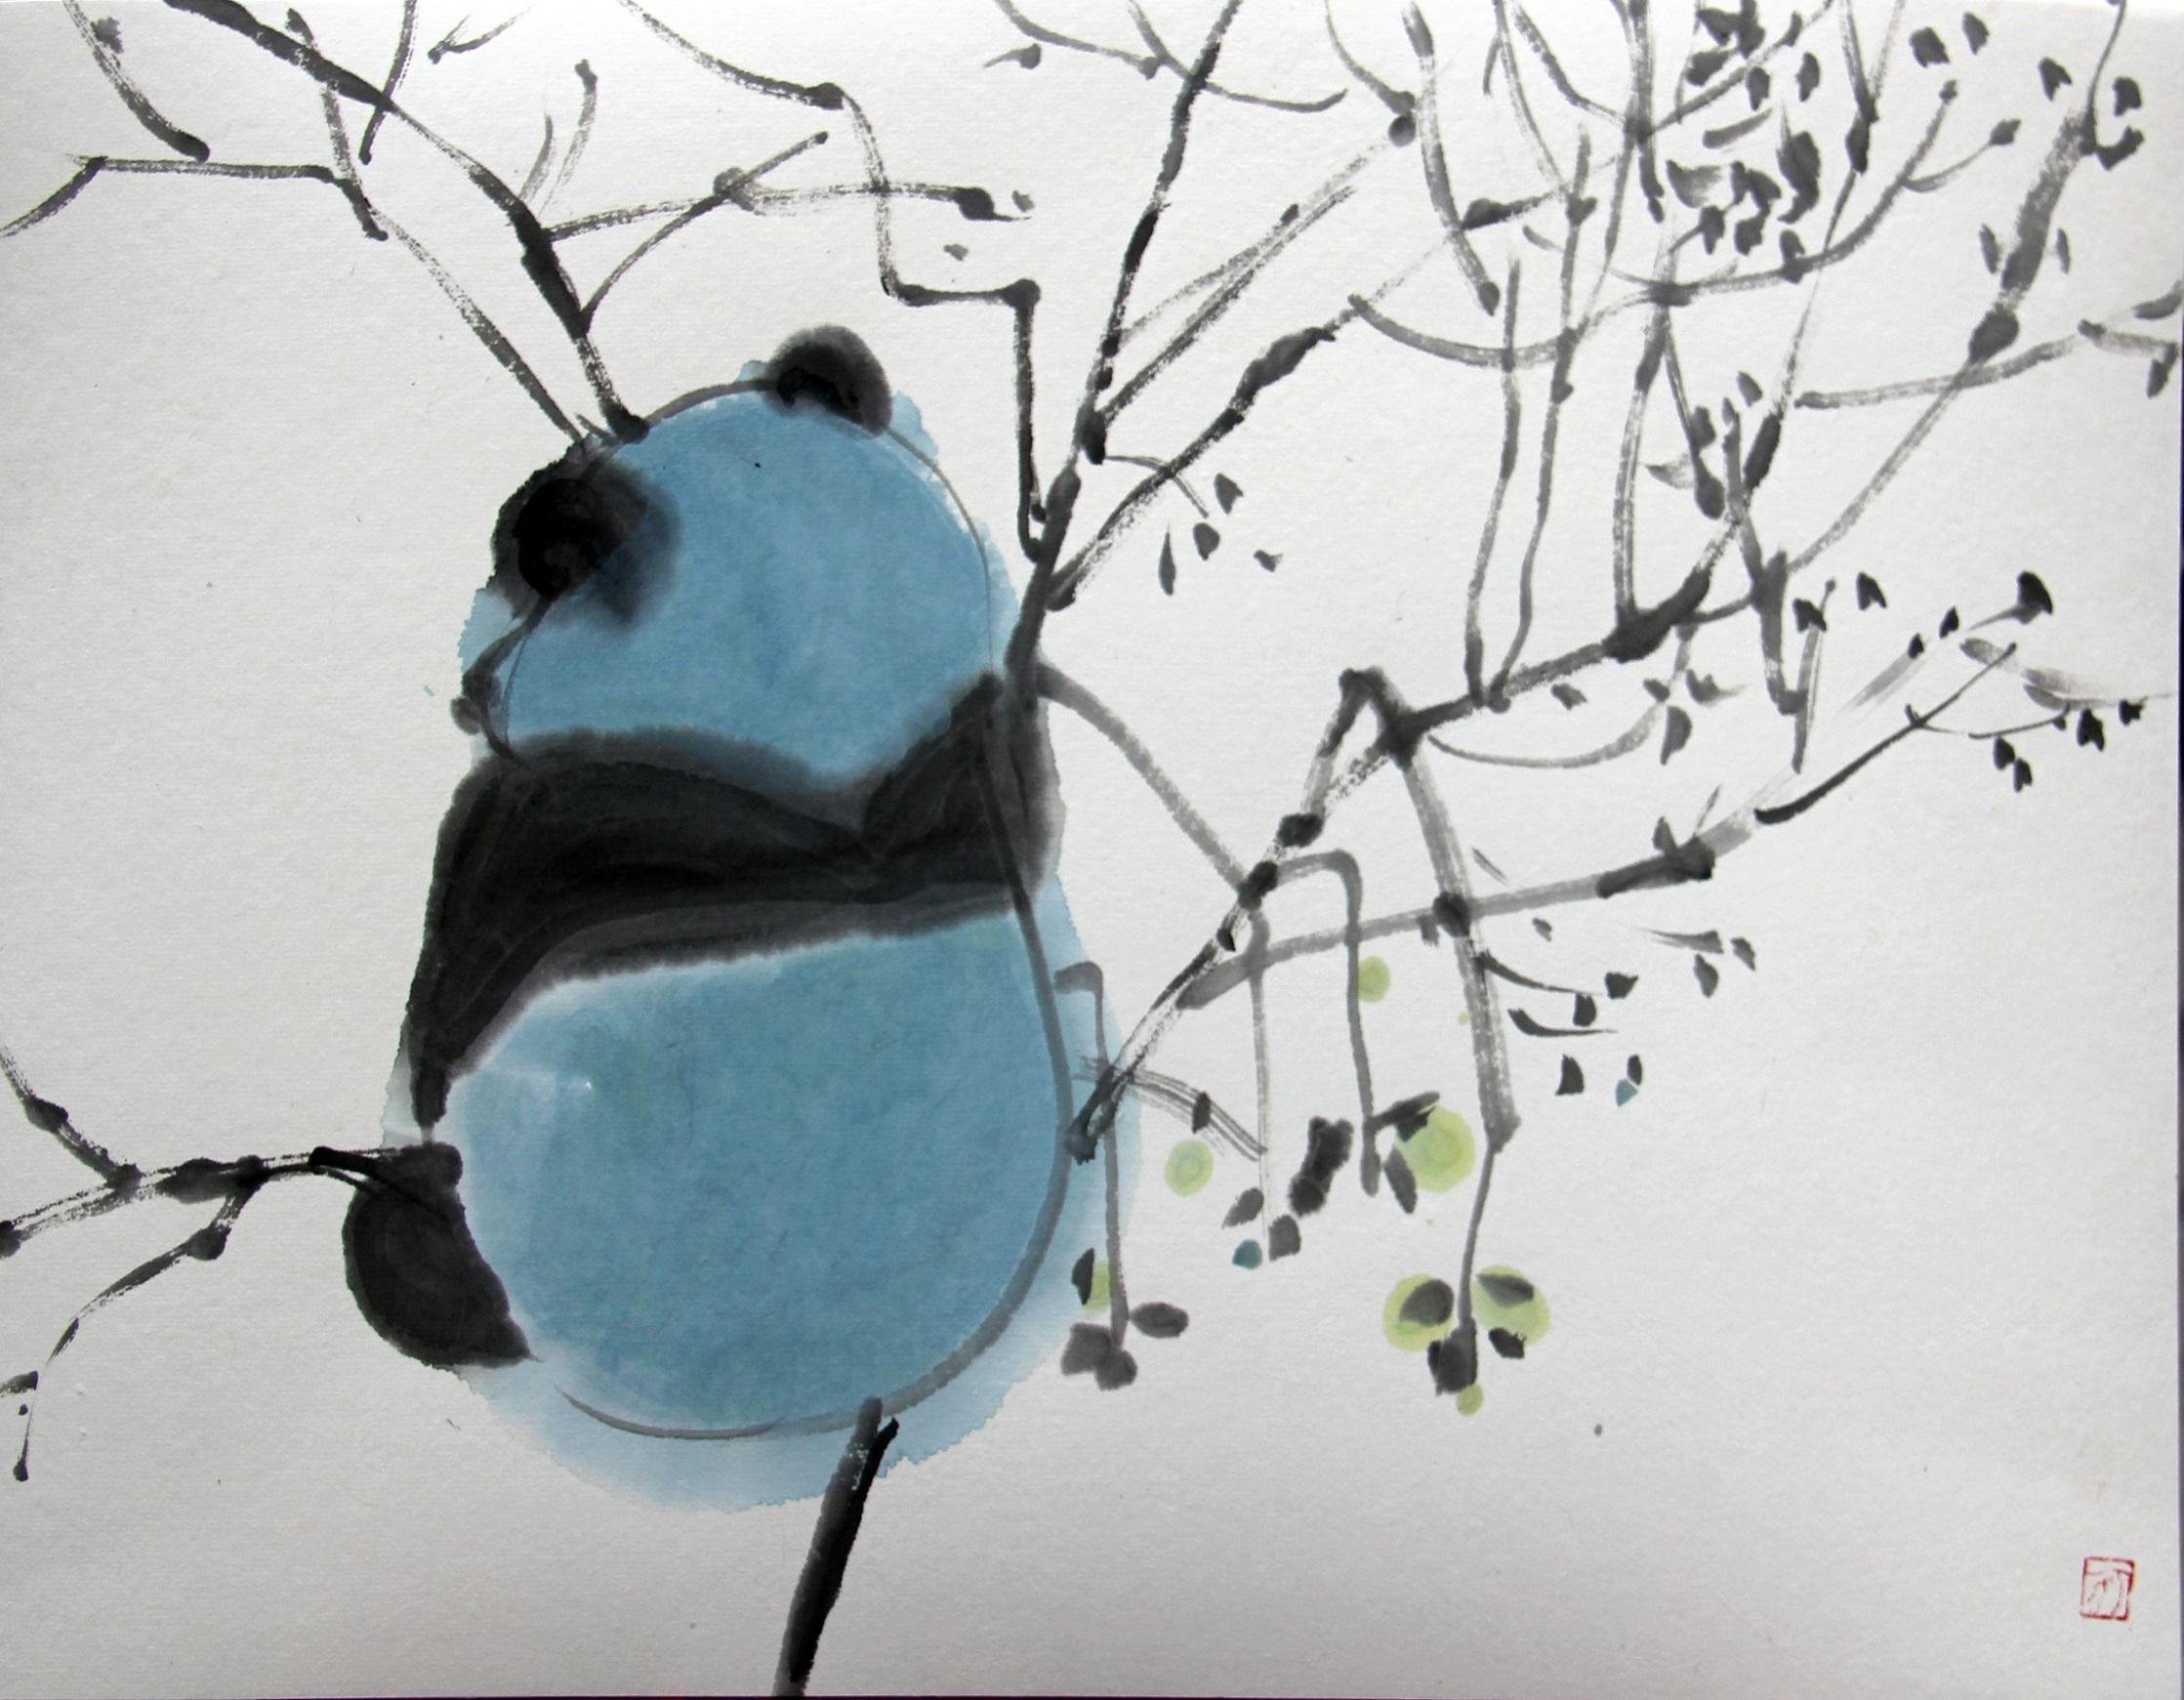 【パタンシリーズ】オンライン展示【jin11バーチャルギャラリー】-画家:何紅英